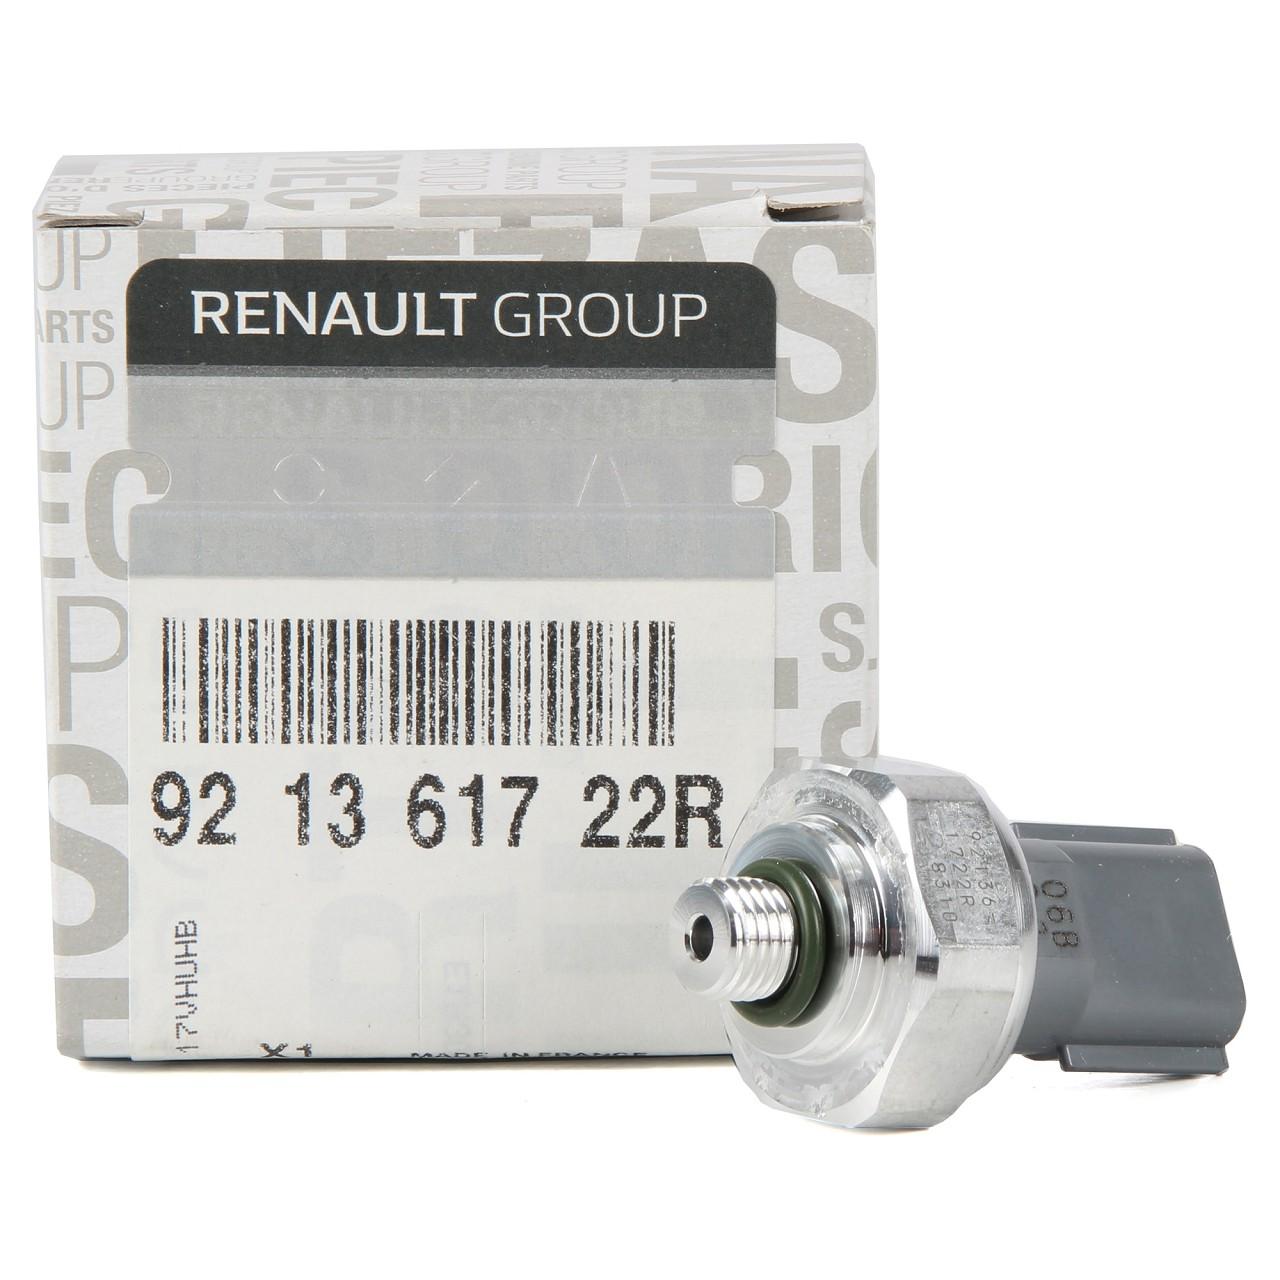 ORIGINAL Renault Druckschalter Klimaanlage CLIO KADJAR SCENIC MEGANE 921361722R